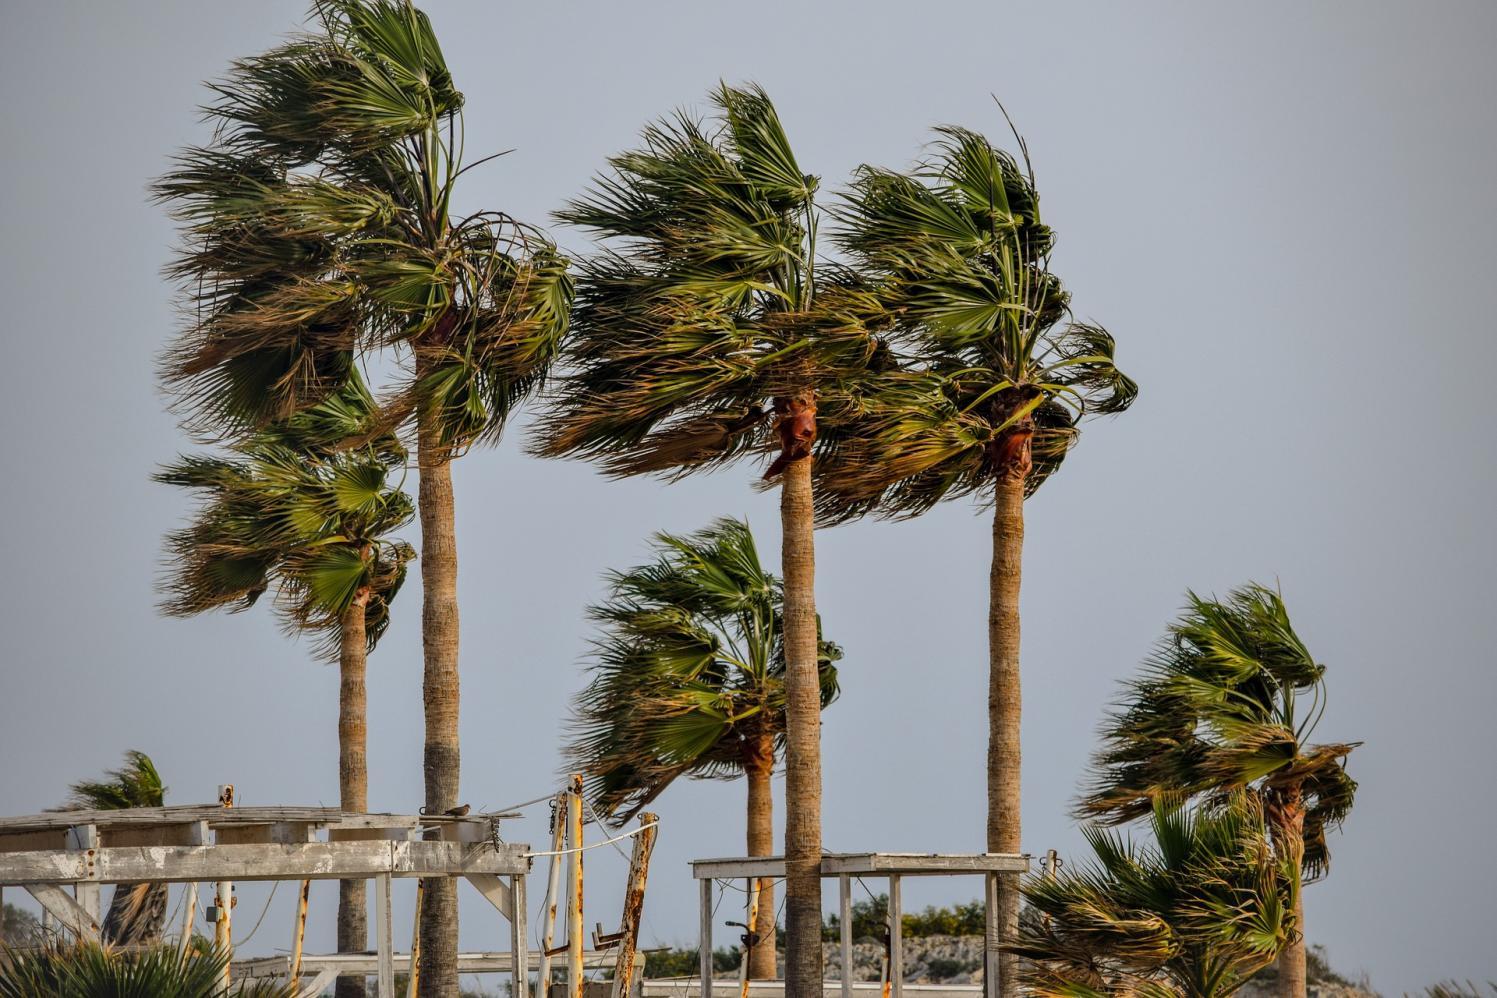 Rajada de vento: saiba o que é e os danos que ela pode causar